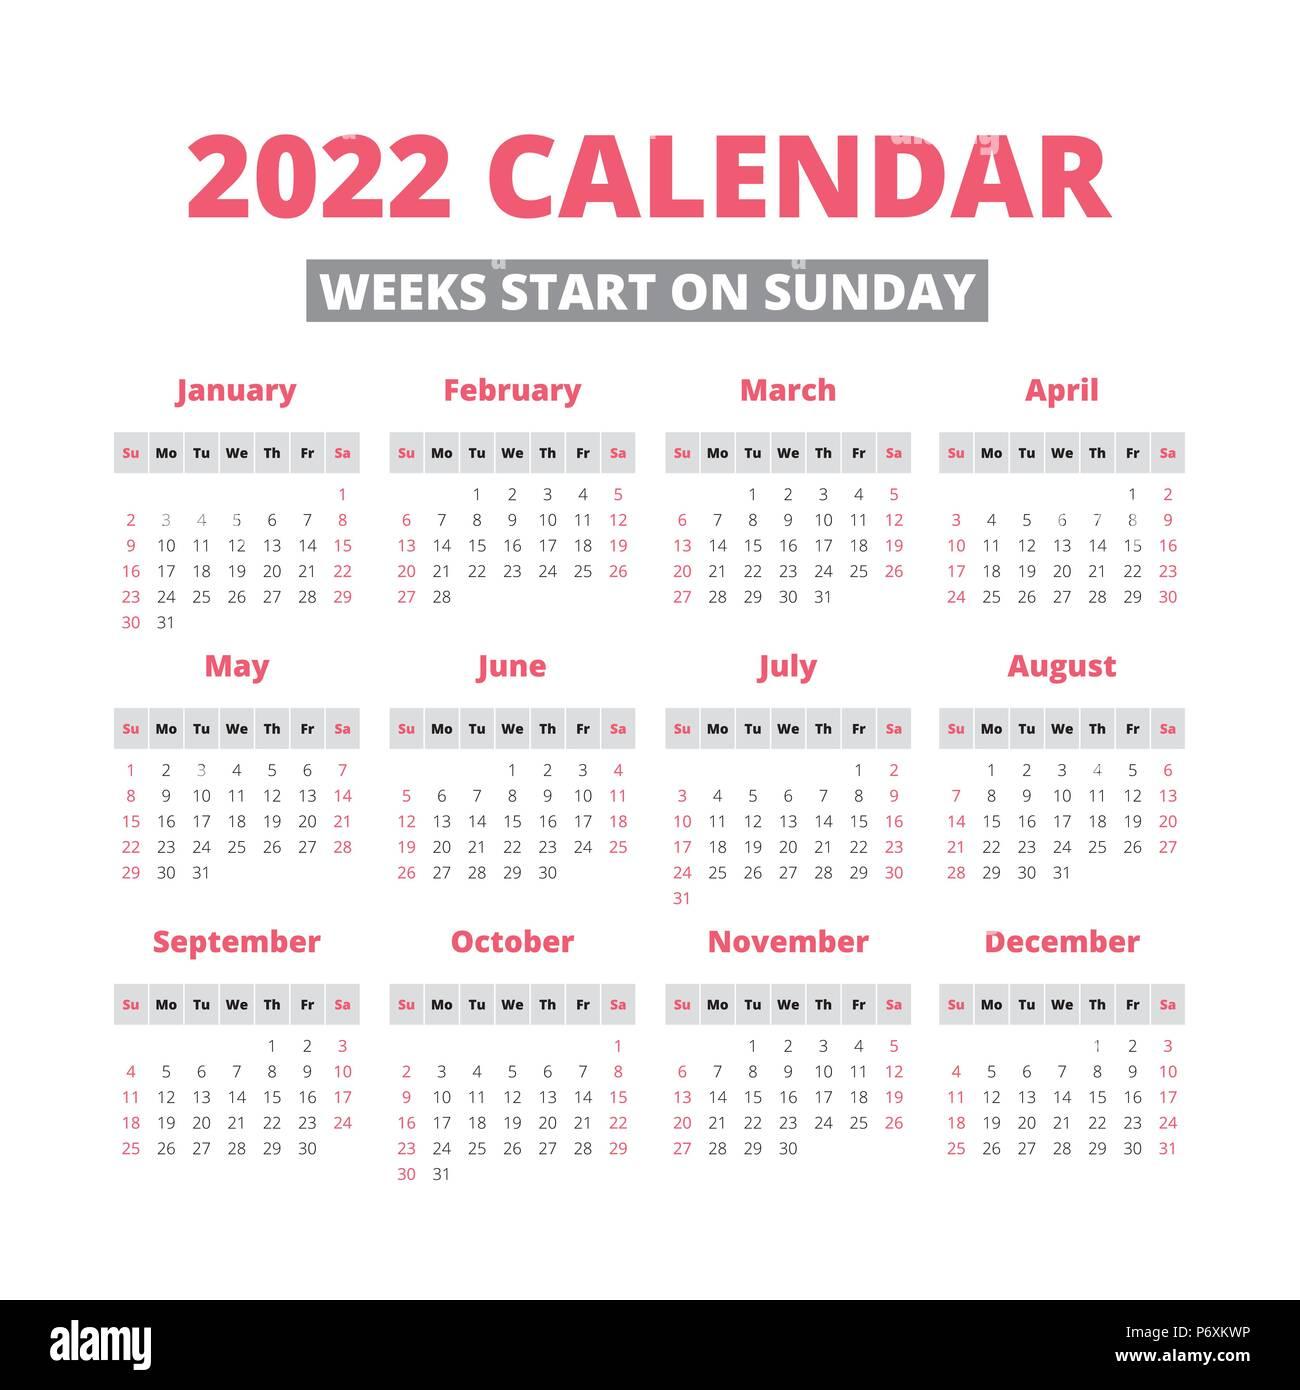 2022 Week Calendar.Simple 2022 Year Calendar Week Starts On Sunday Stock Vector Image Art Alamy